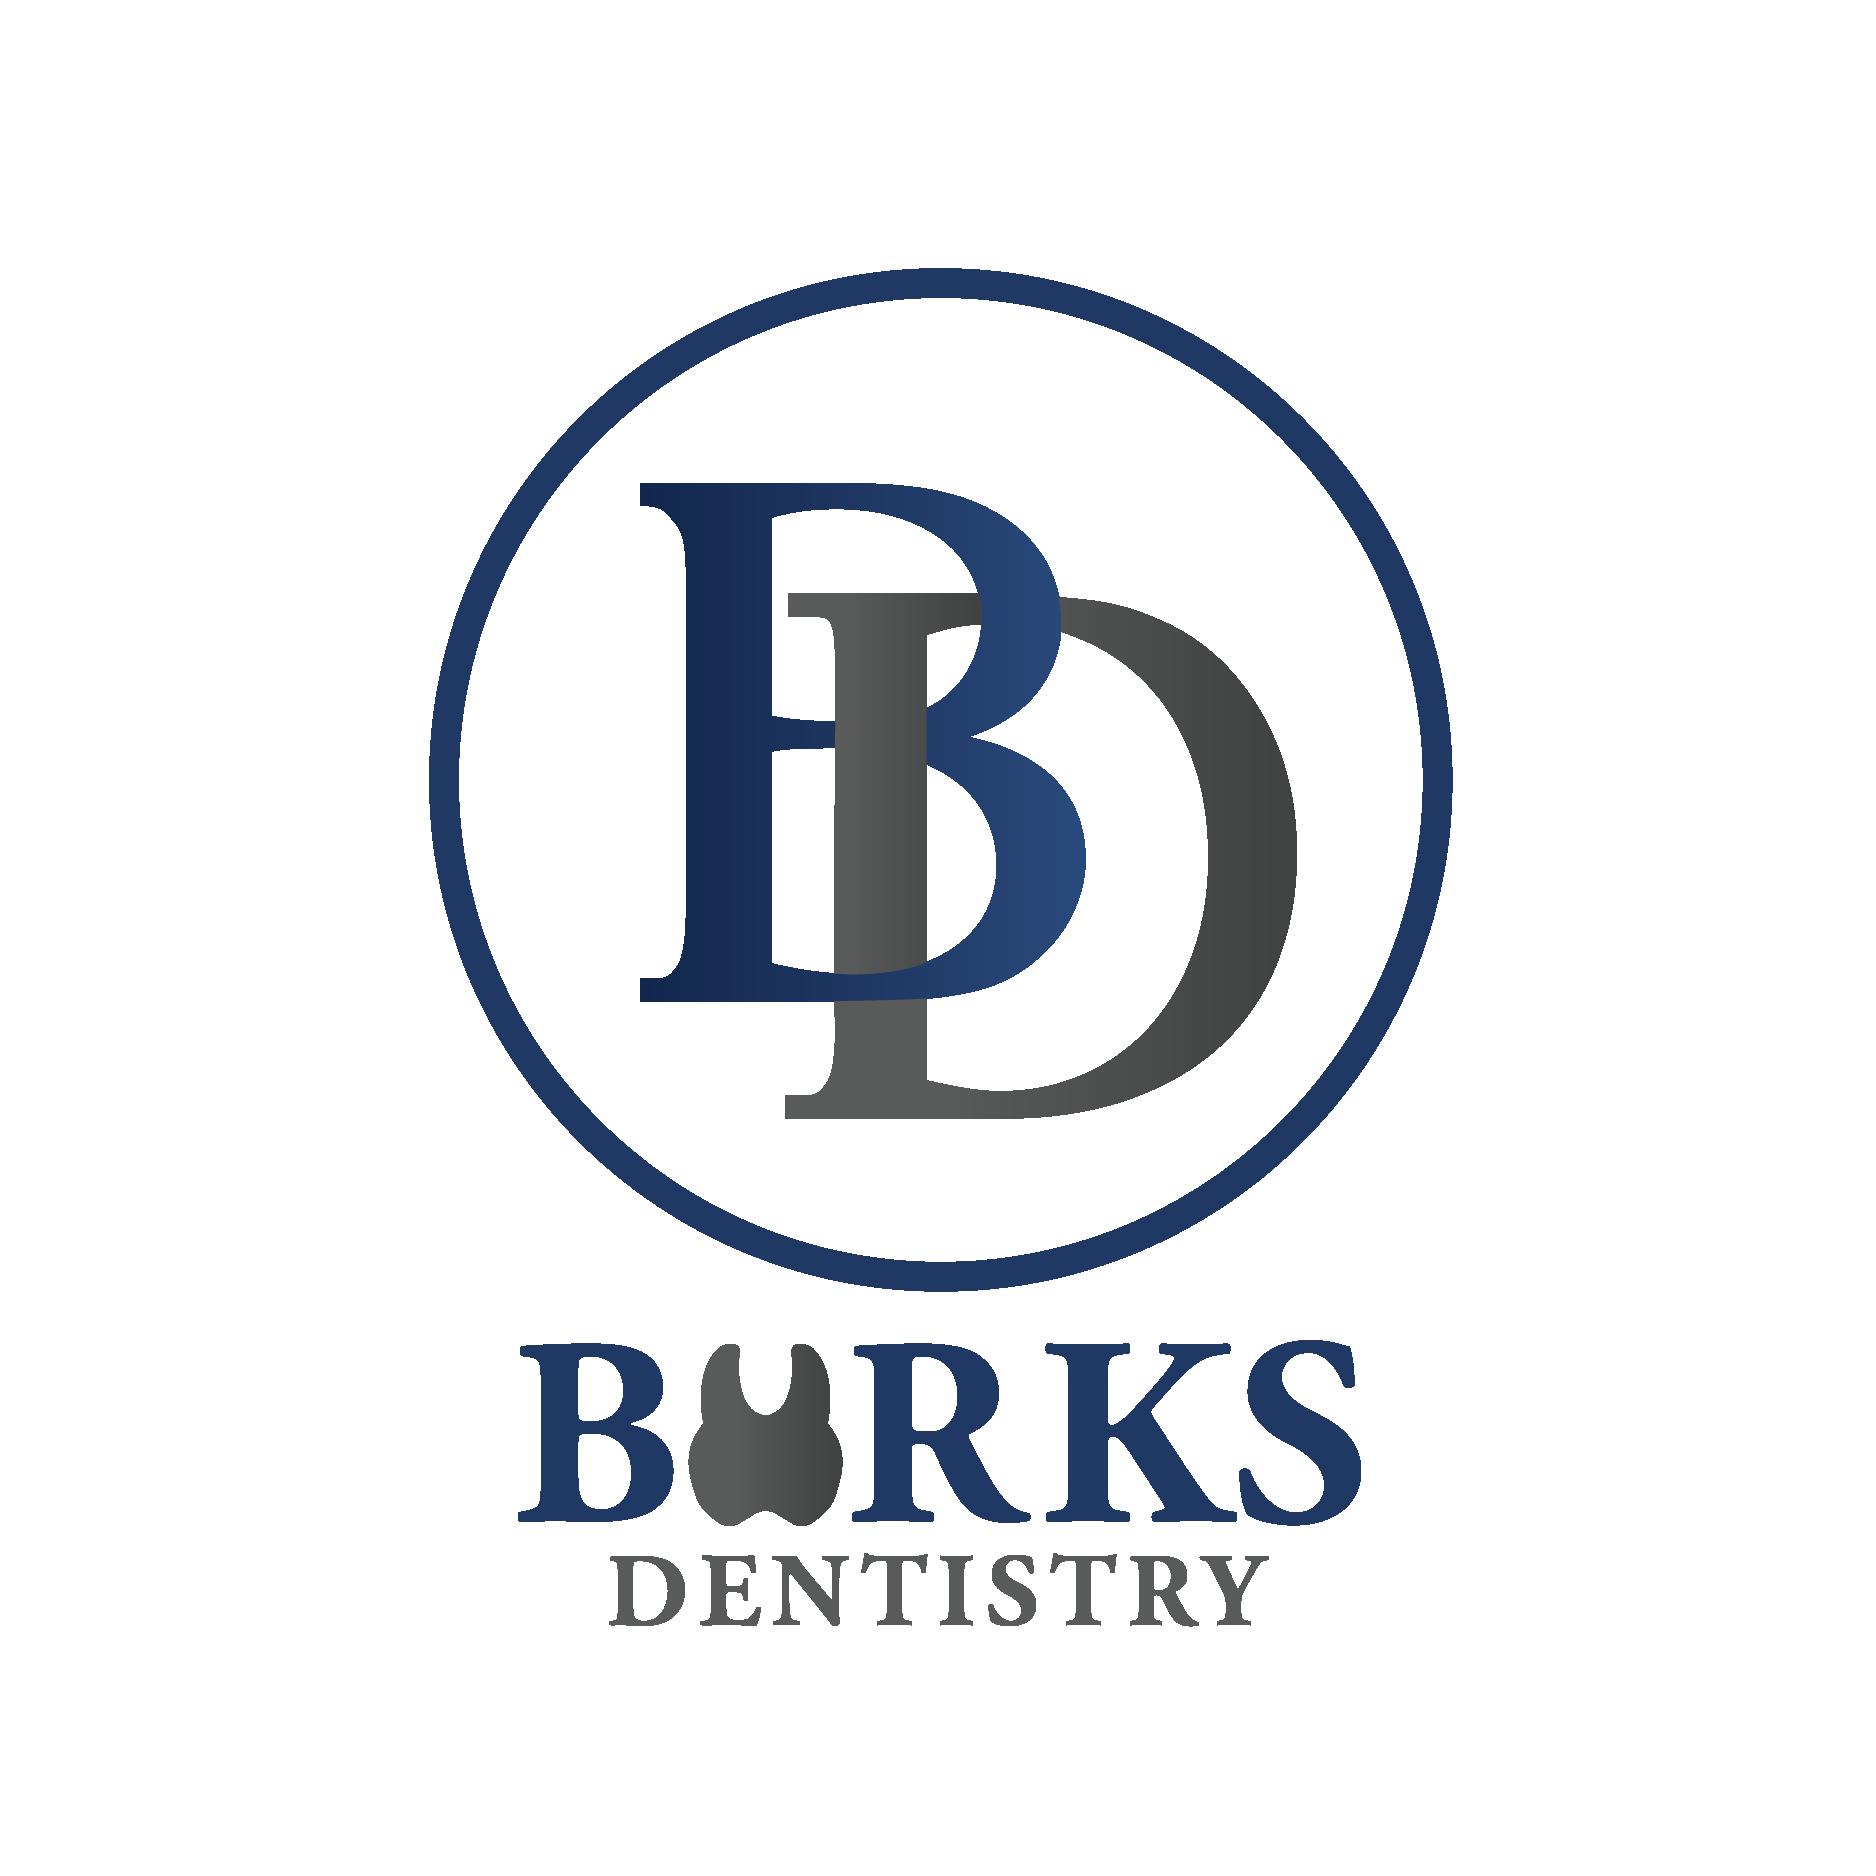 Burks Dentistry Logo